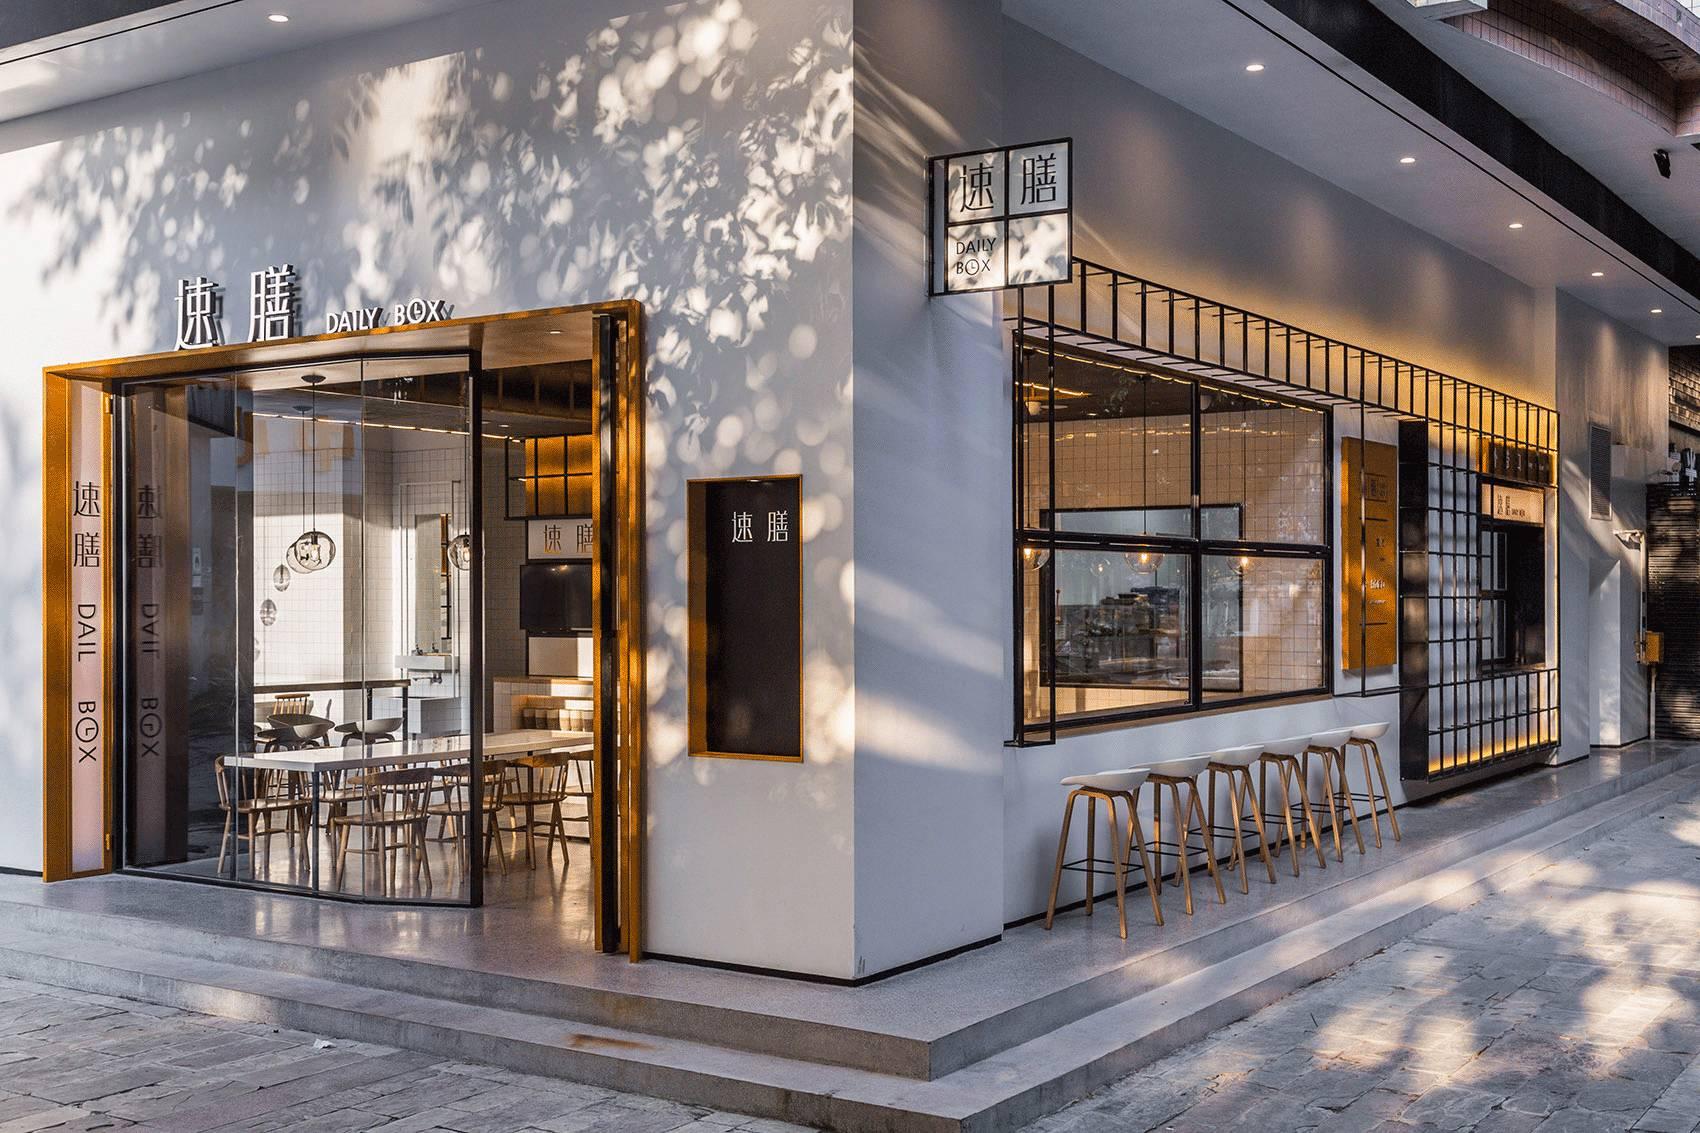 重庆速膳餐厅 年轻化、有品质的餐饮空间 - 室